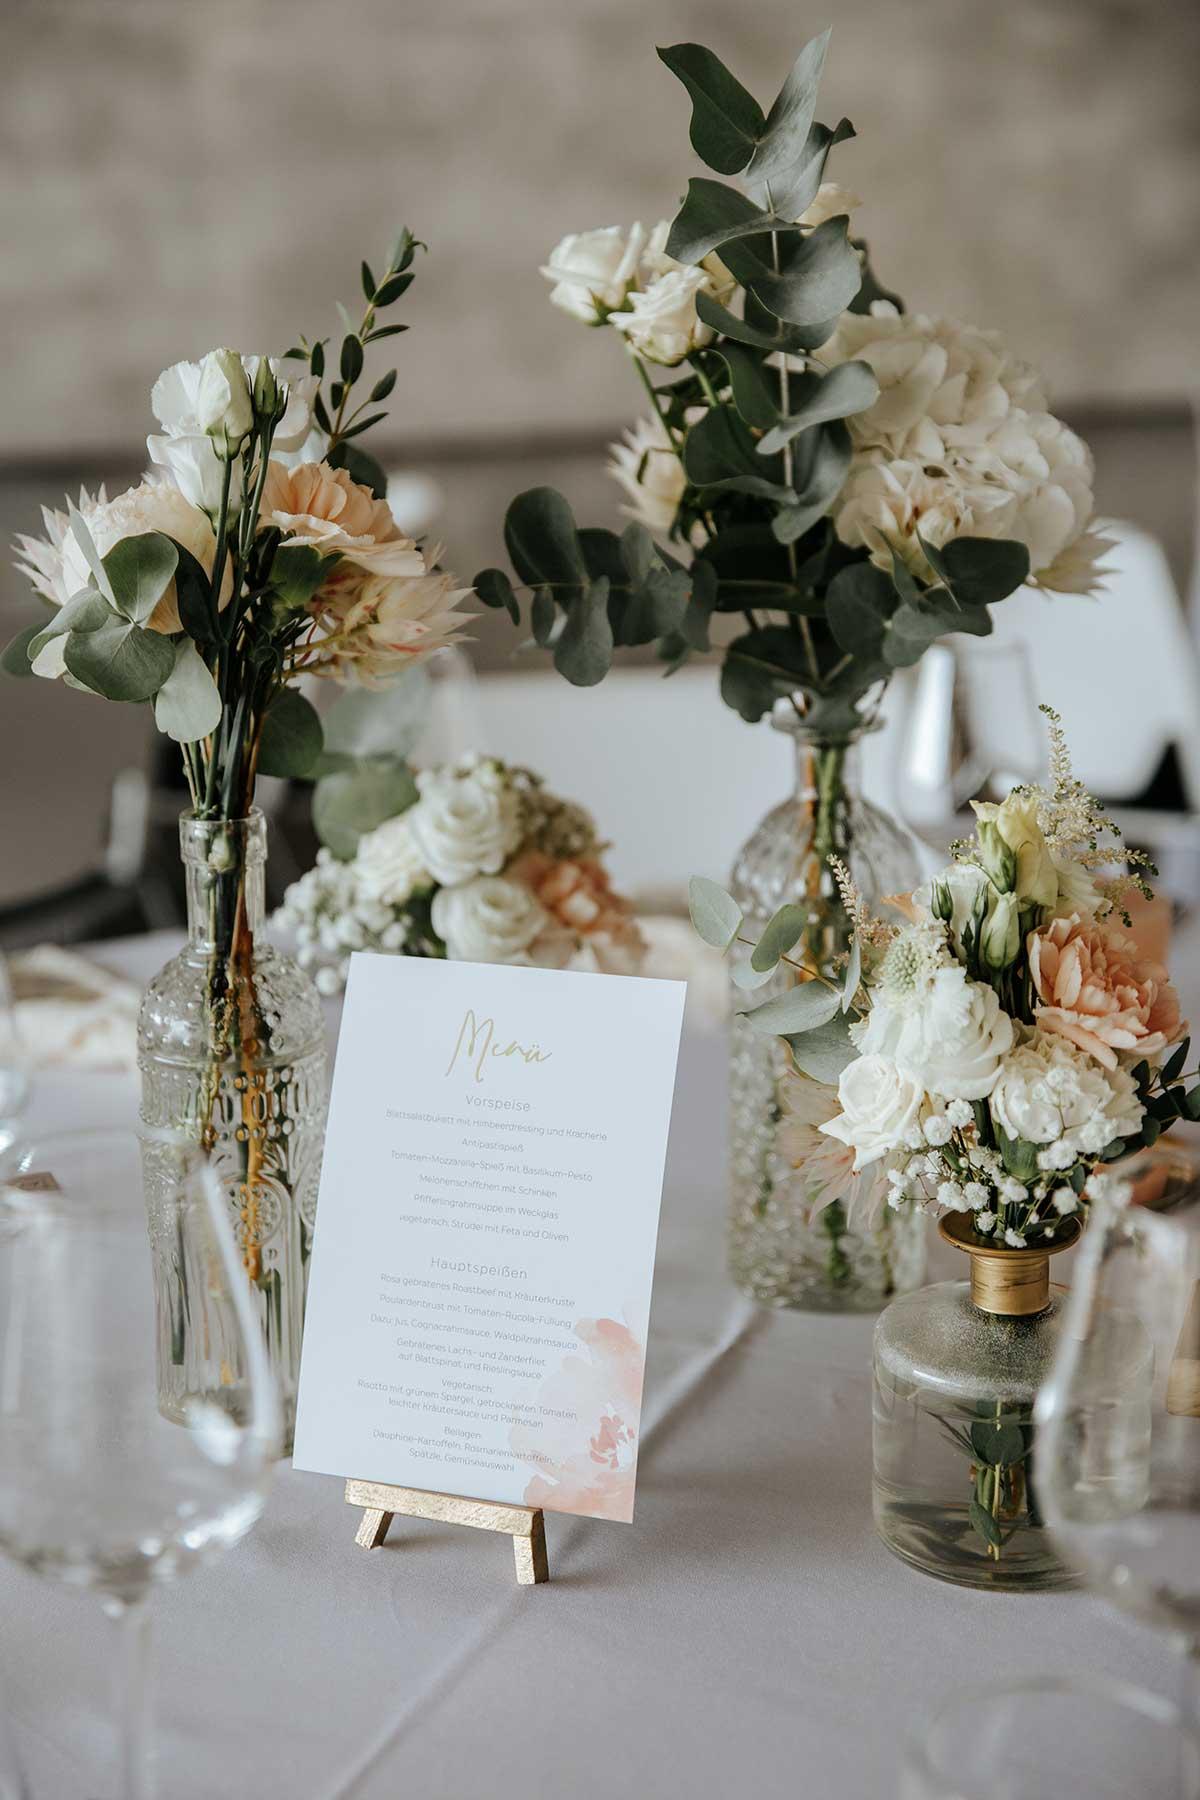 Menükarte bei der Hochzeit